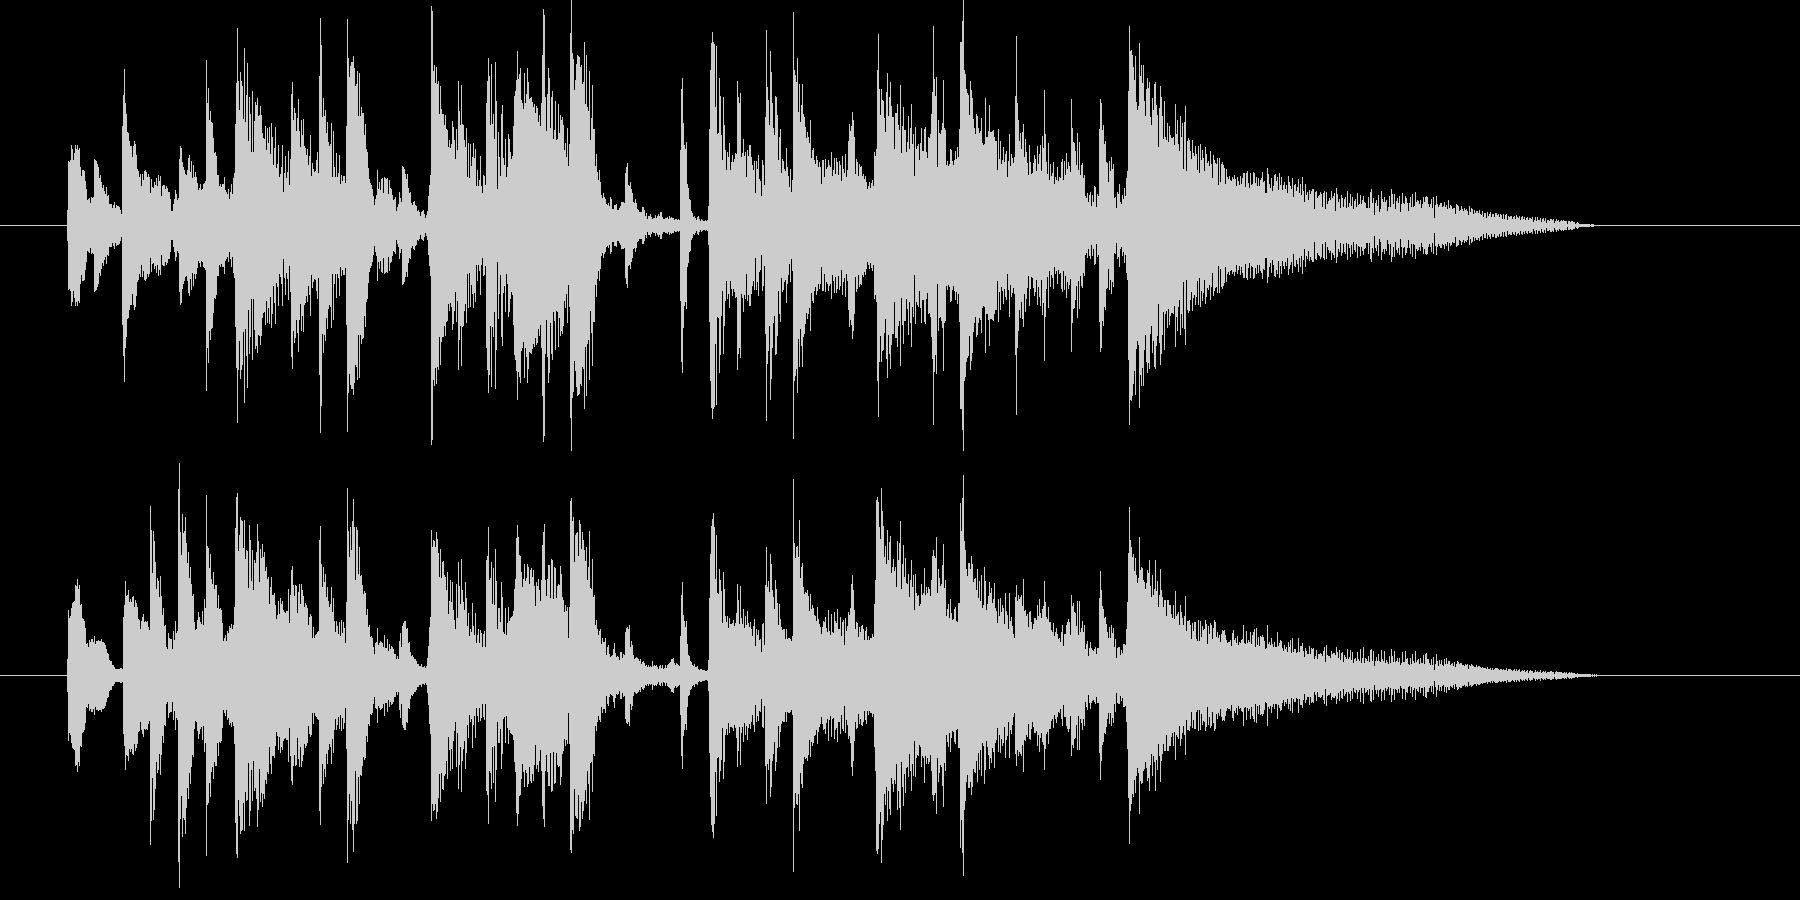 リズミカルでムードのある曲の未再生の波形